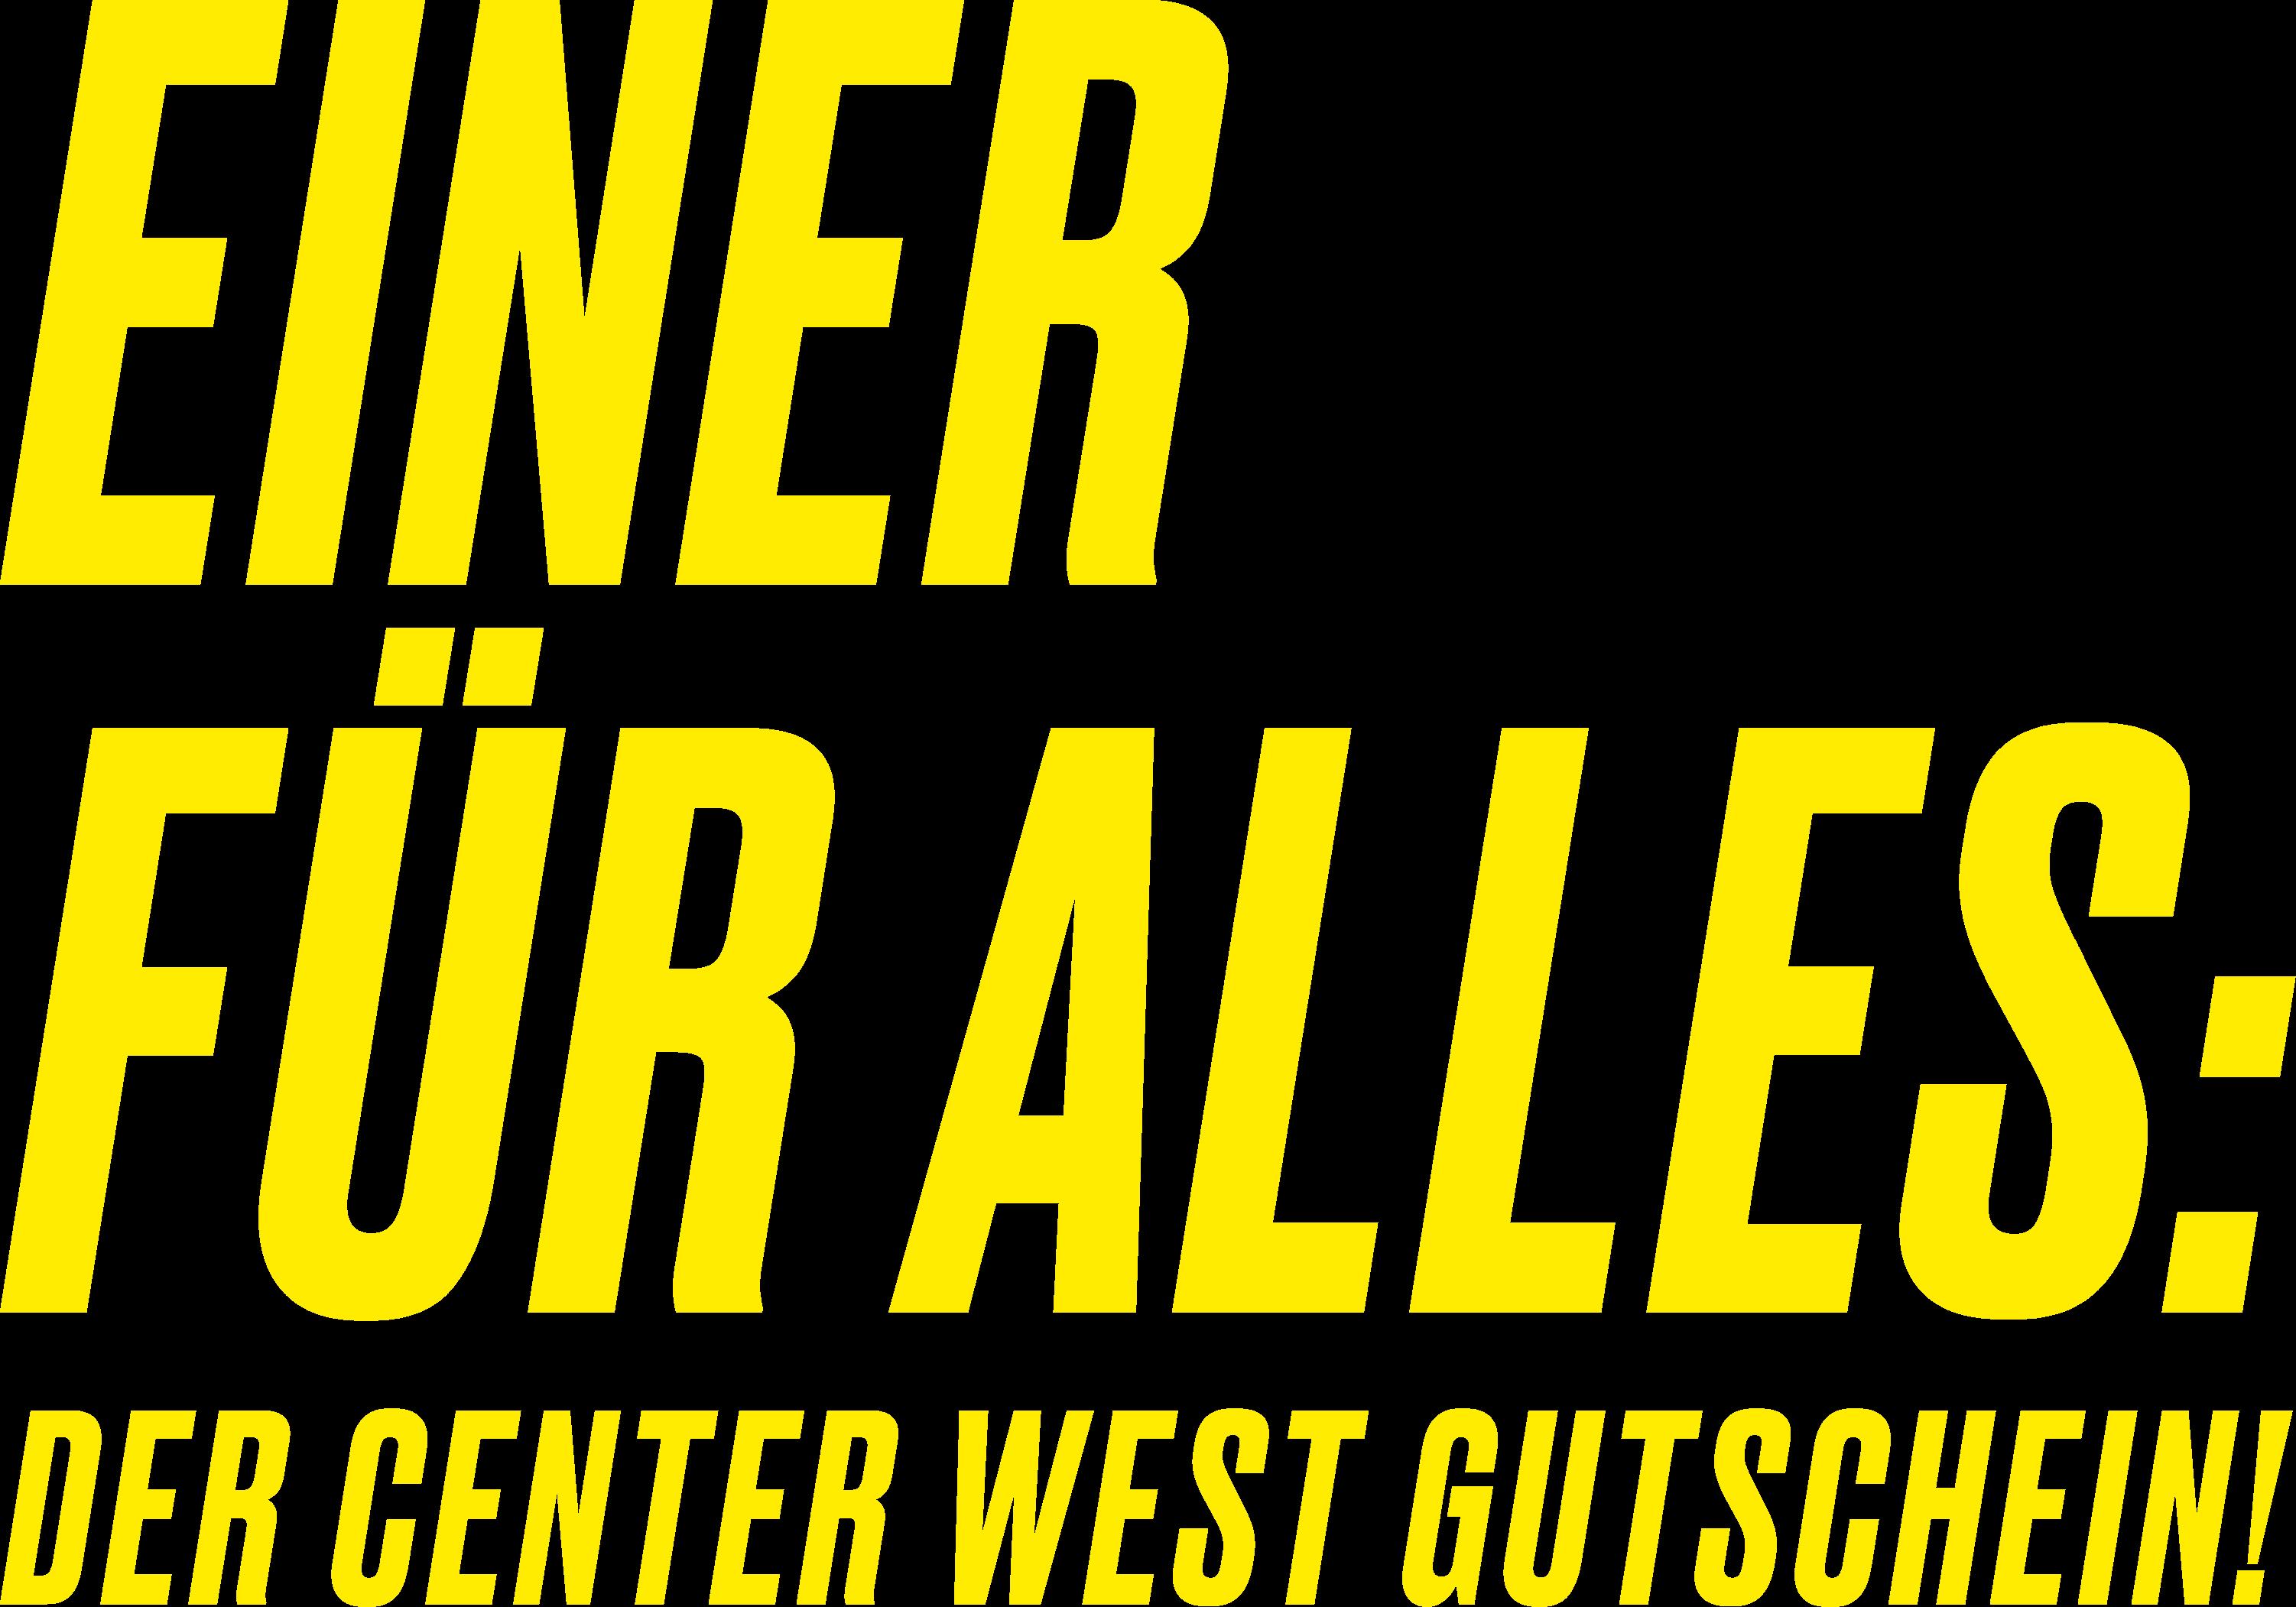 Einer für Alles: Der Center West Gutschein